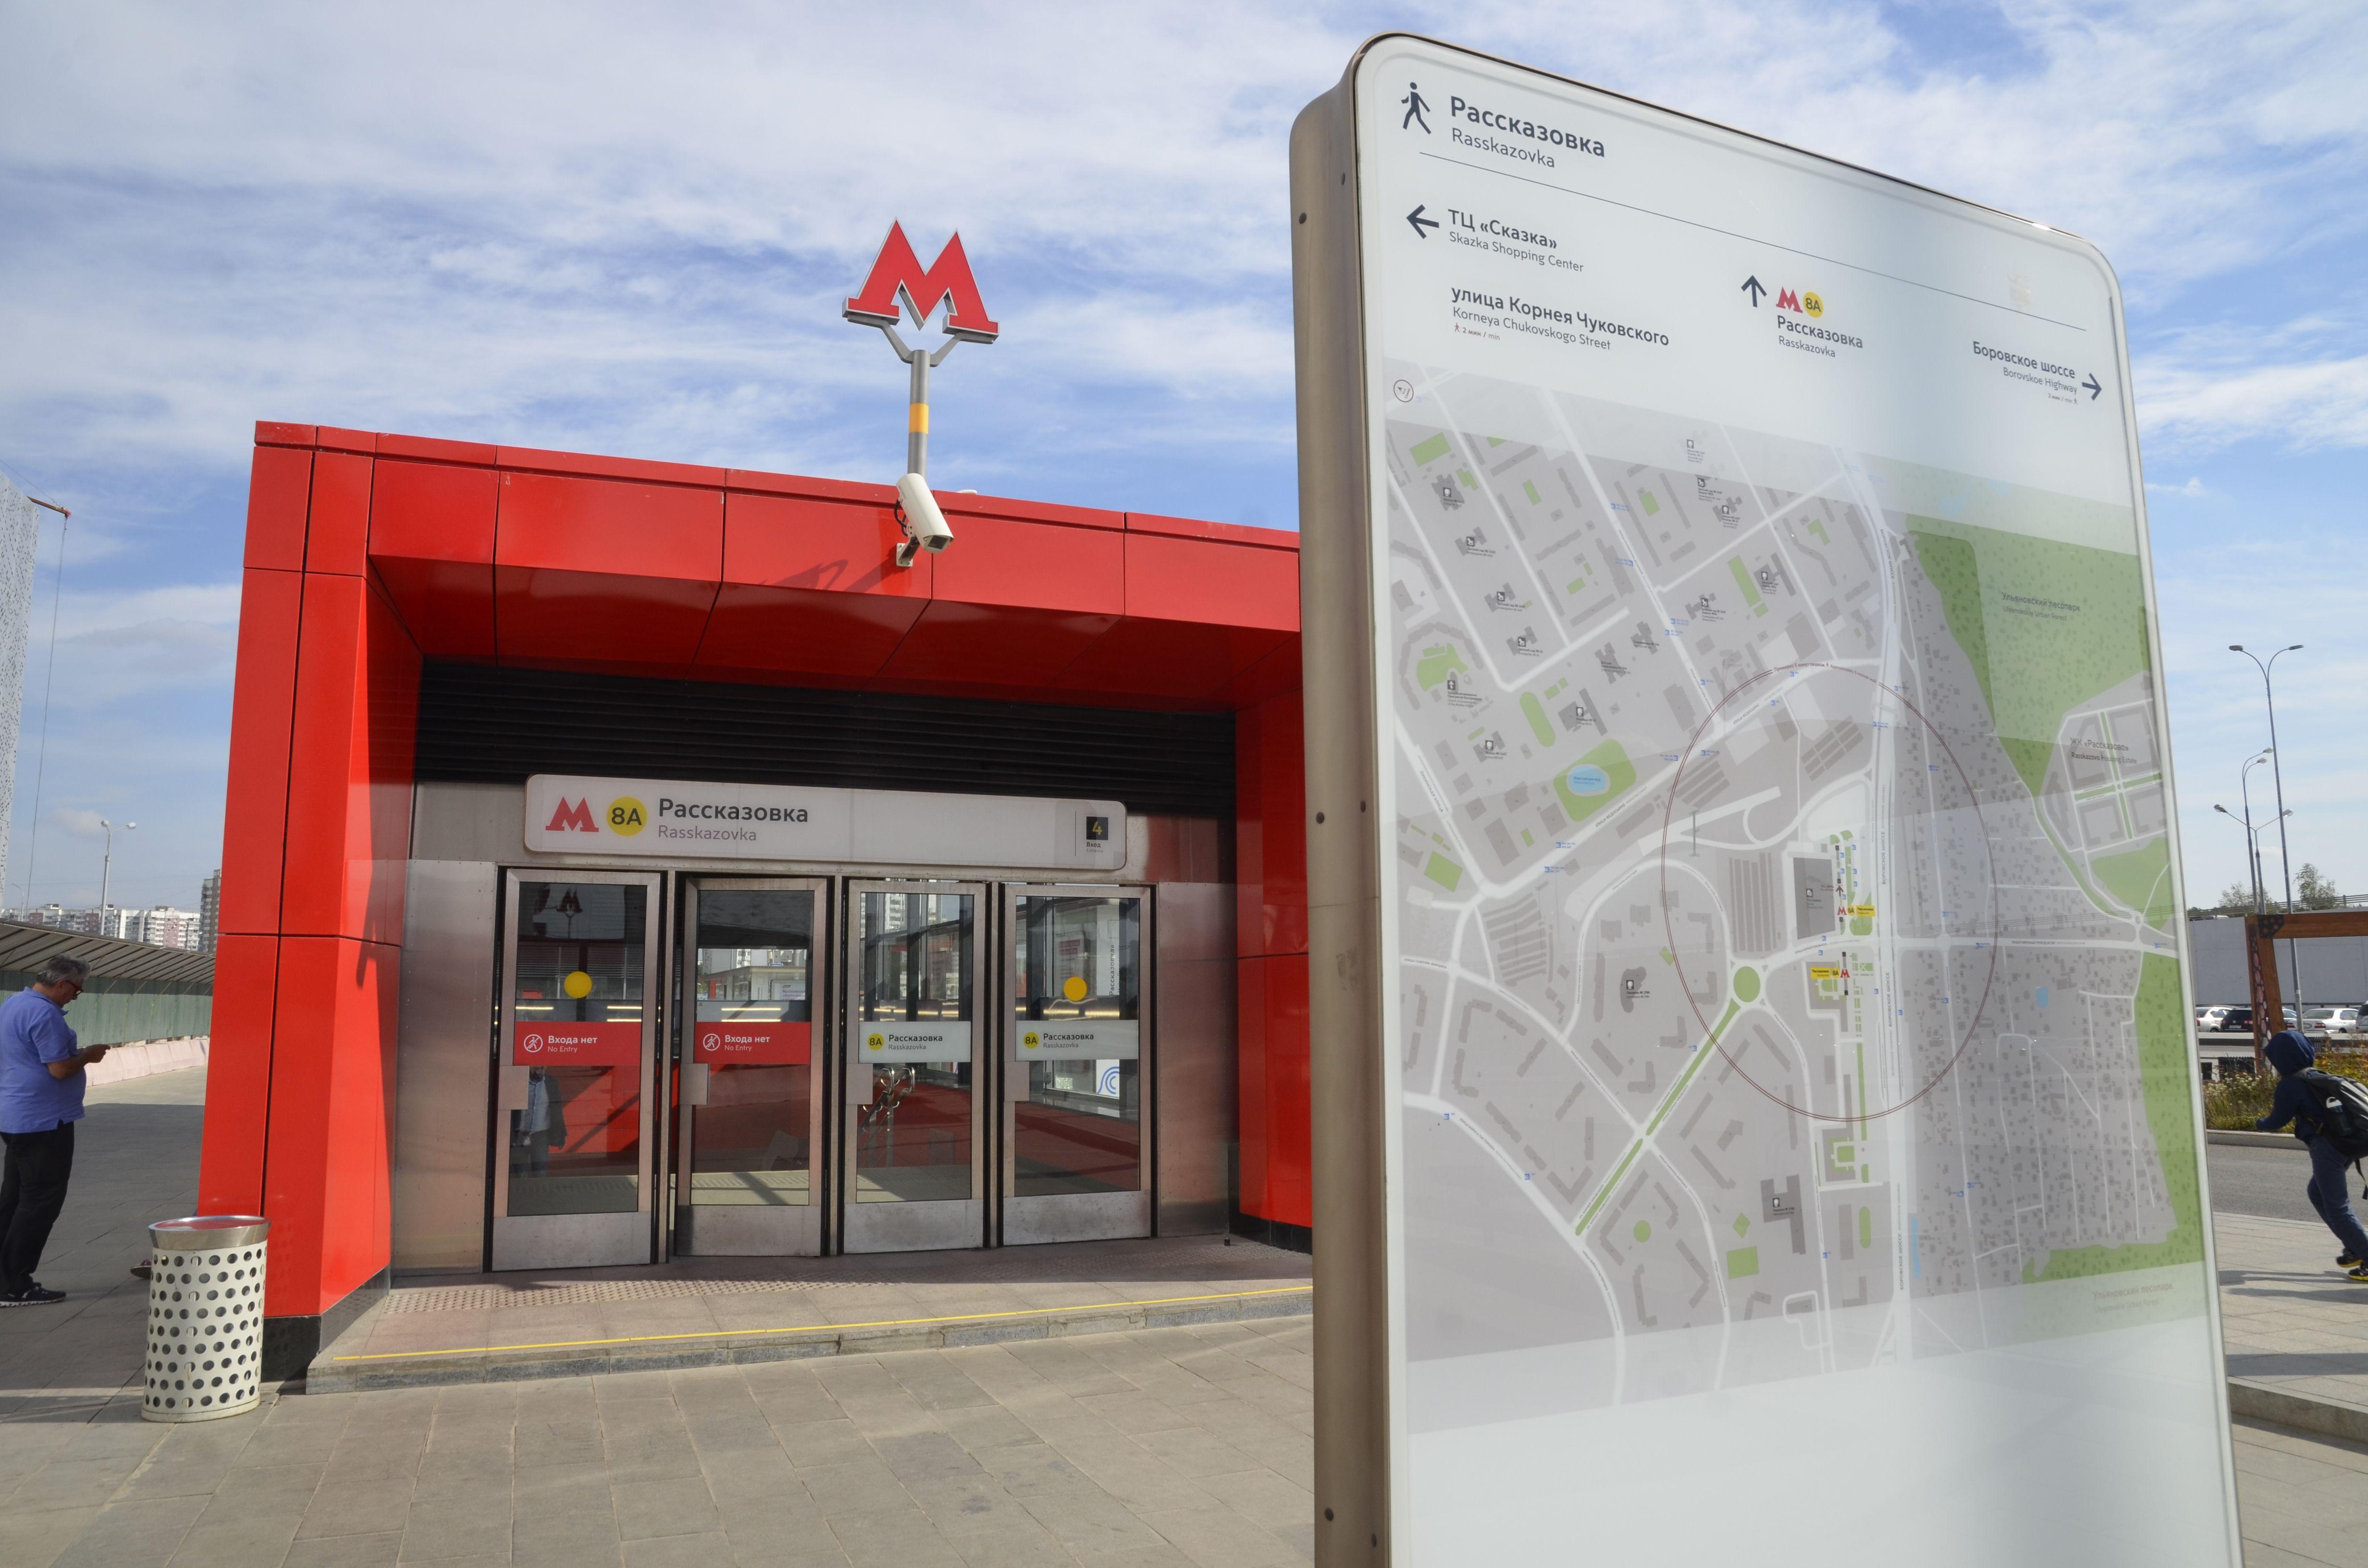 Вестибюли станции метро «Рассказовка» и МЦК «Площадь Гагарина» временно закрыли